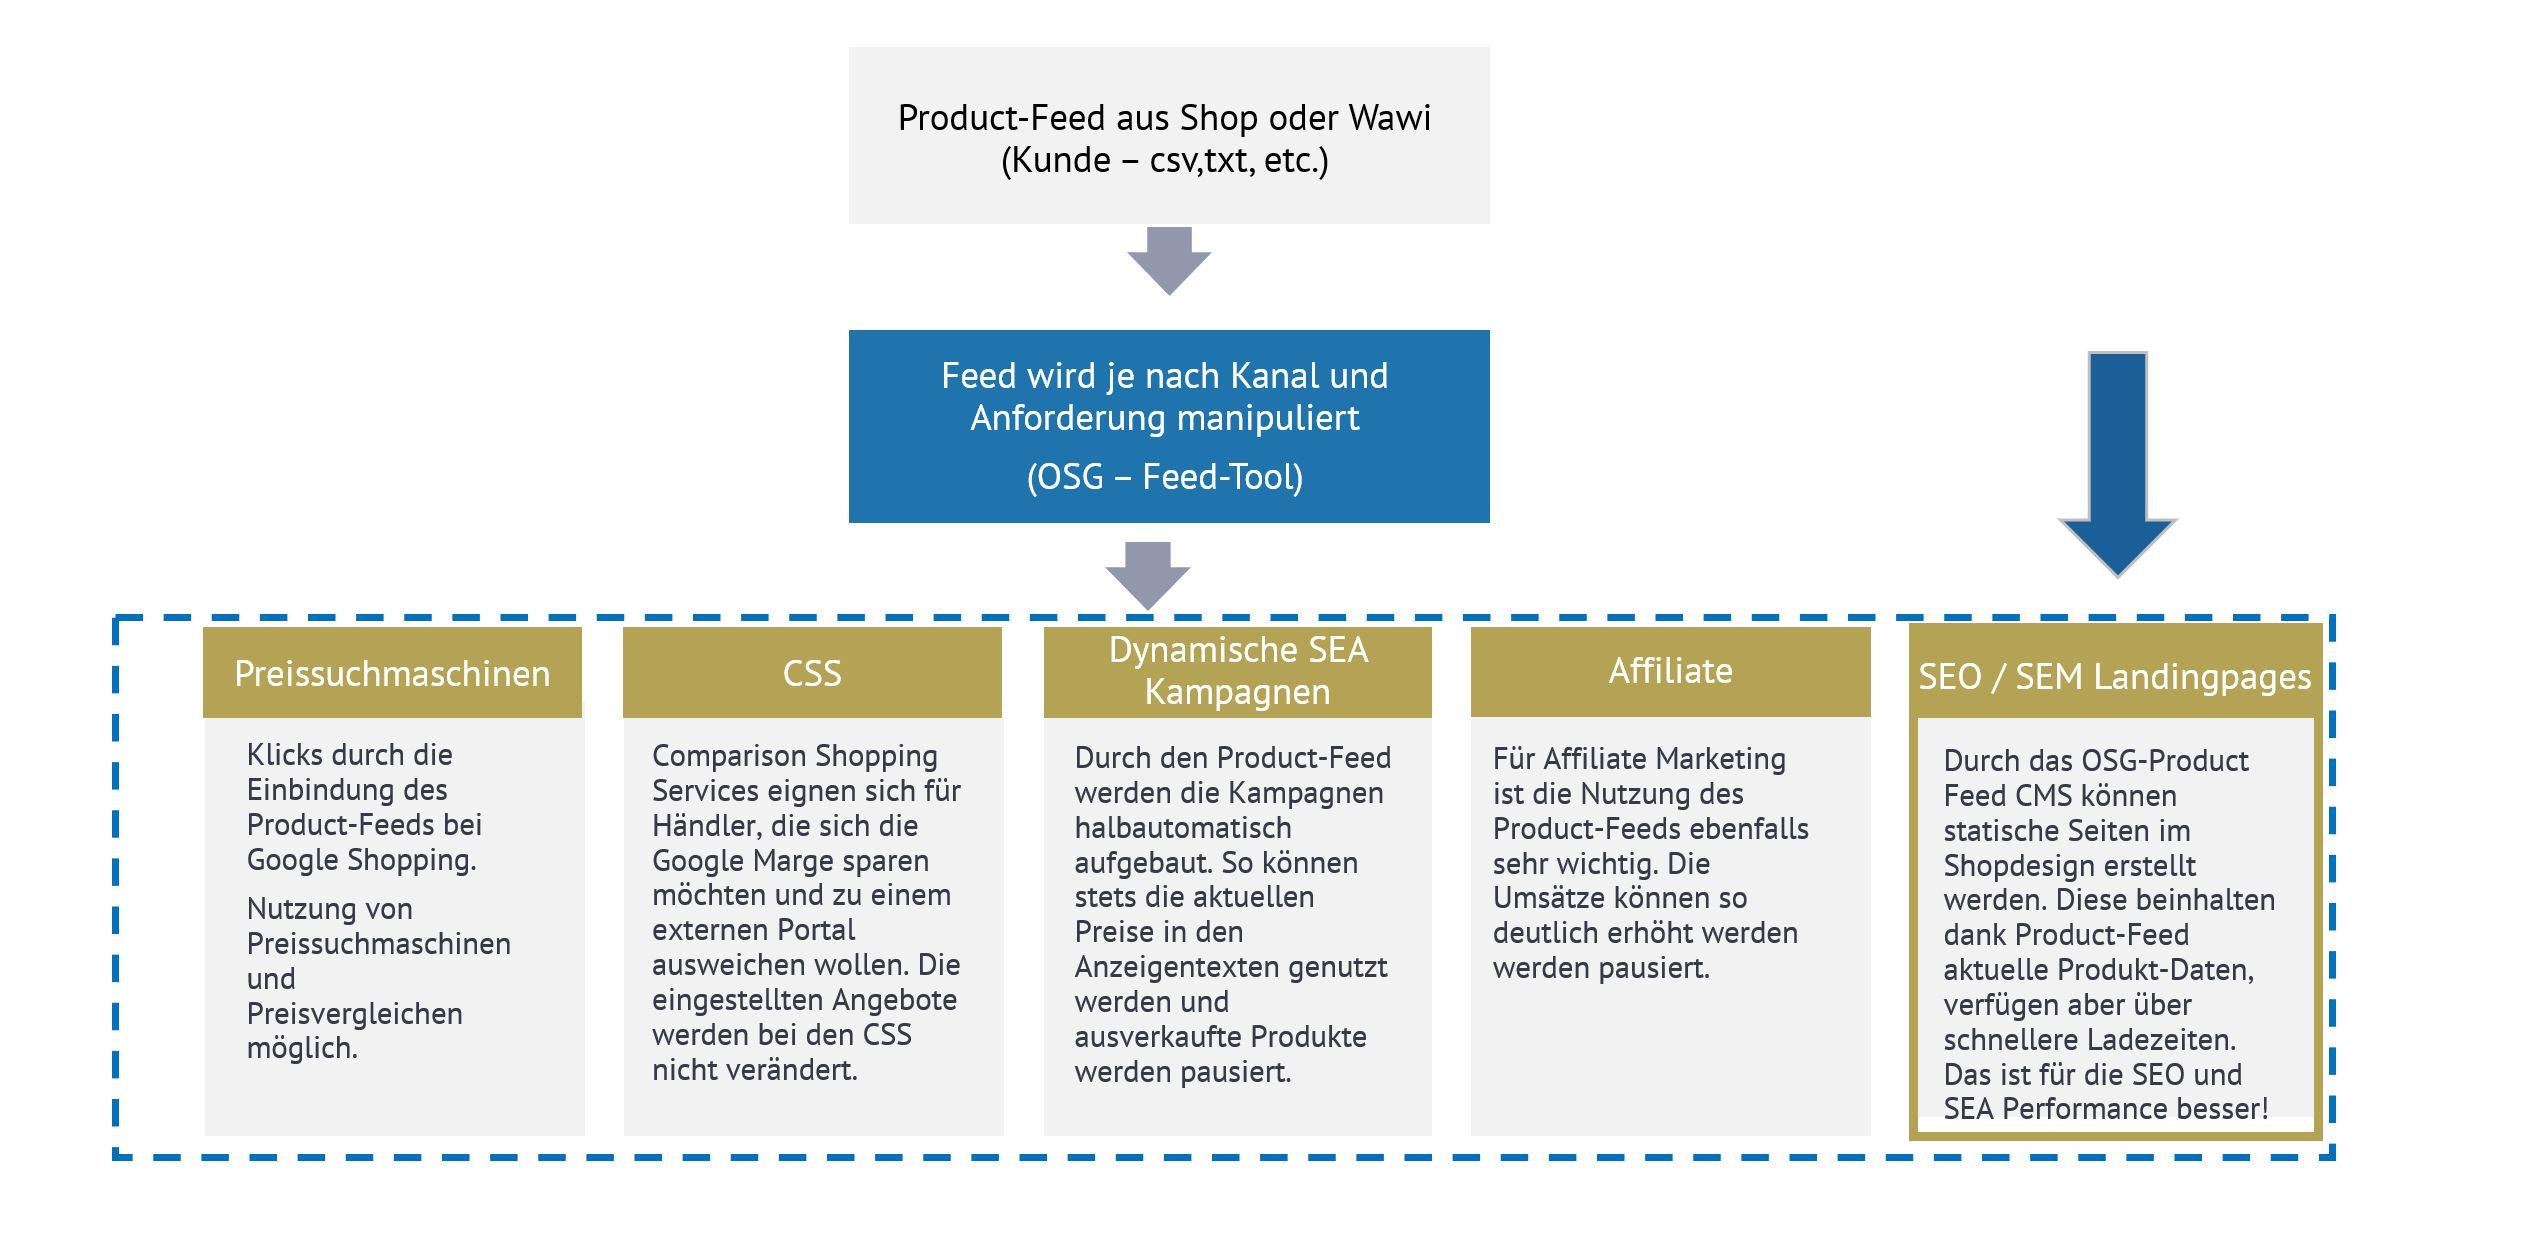 Möglichkeiten durch den Product-Feed